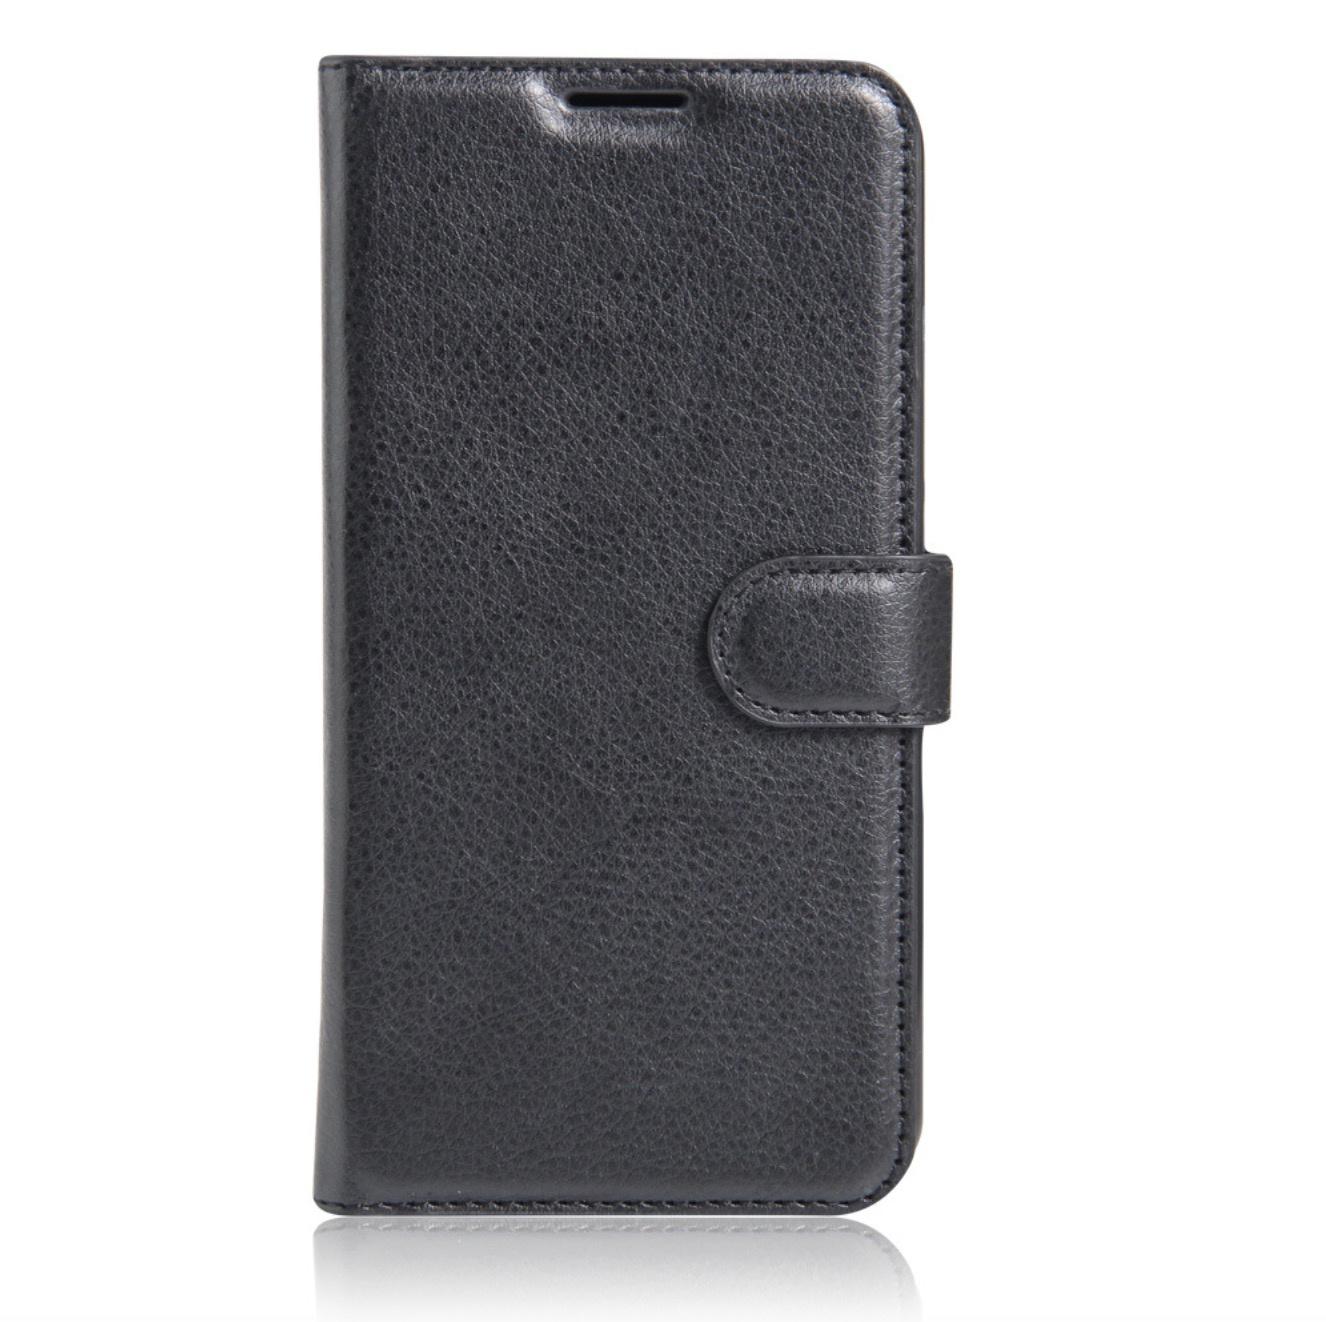 Чехол-книжка MyPads для LG V10 H961n / H961s /H968 / F600 5.7 с мульти-подставкой застёжкой и визитницей черный gangxun lg v10